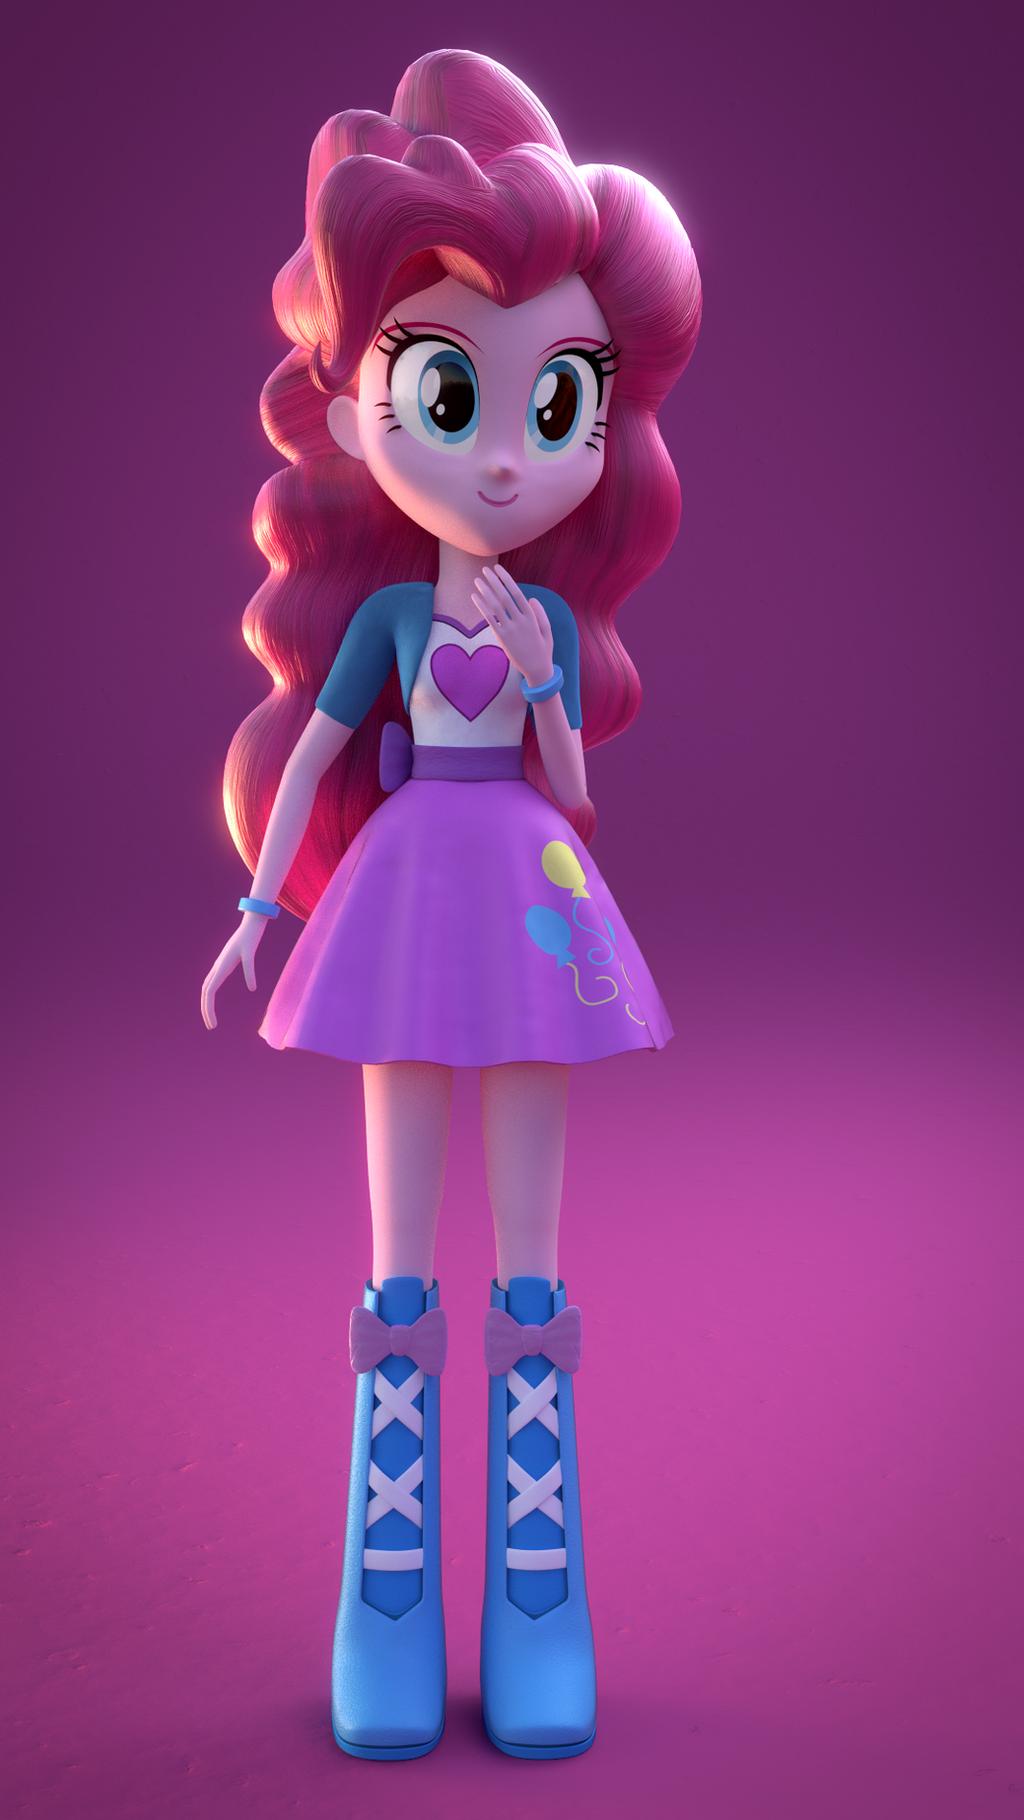 Pinkie Pie 'Loved' (EQG Blender) by rjrgmc28 on DeviantArt